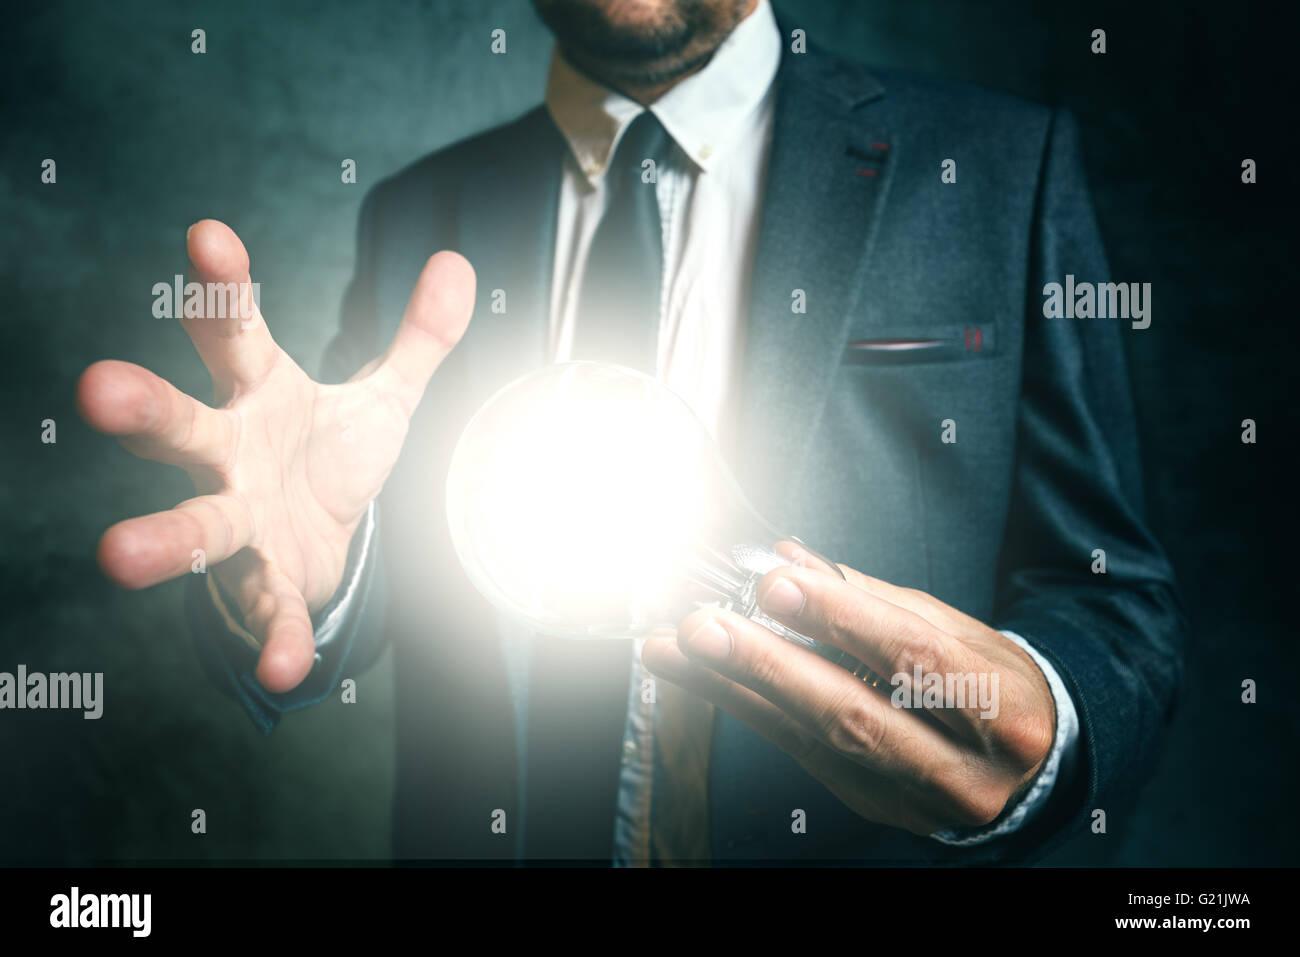 Concepto de creatividad y visión de negocios con elegante empresario adultos sosteniendo la luz brillante bombilla Imagen De Stock